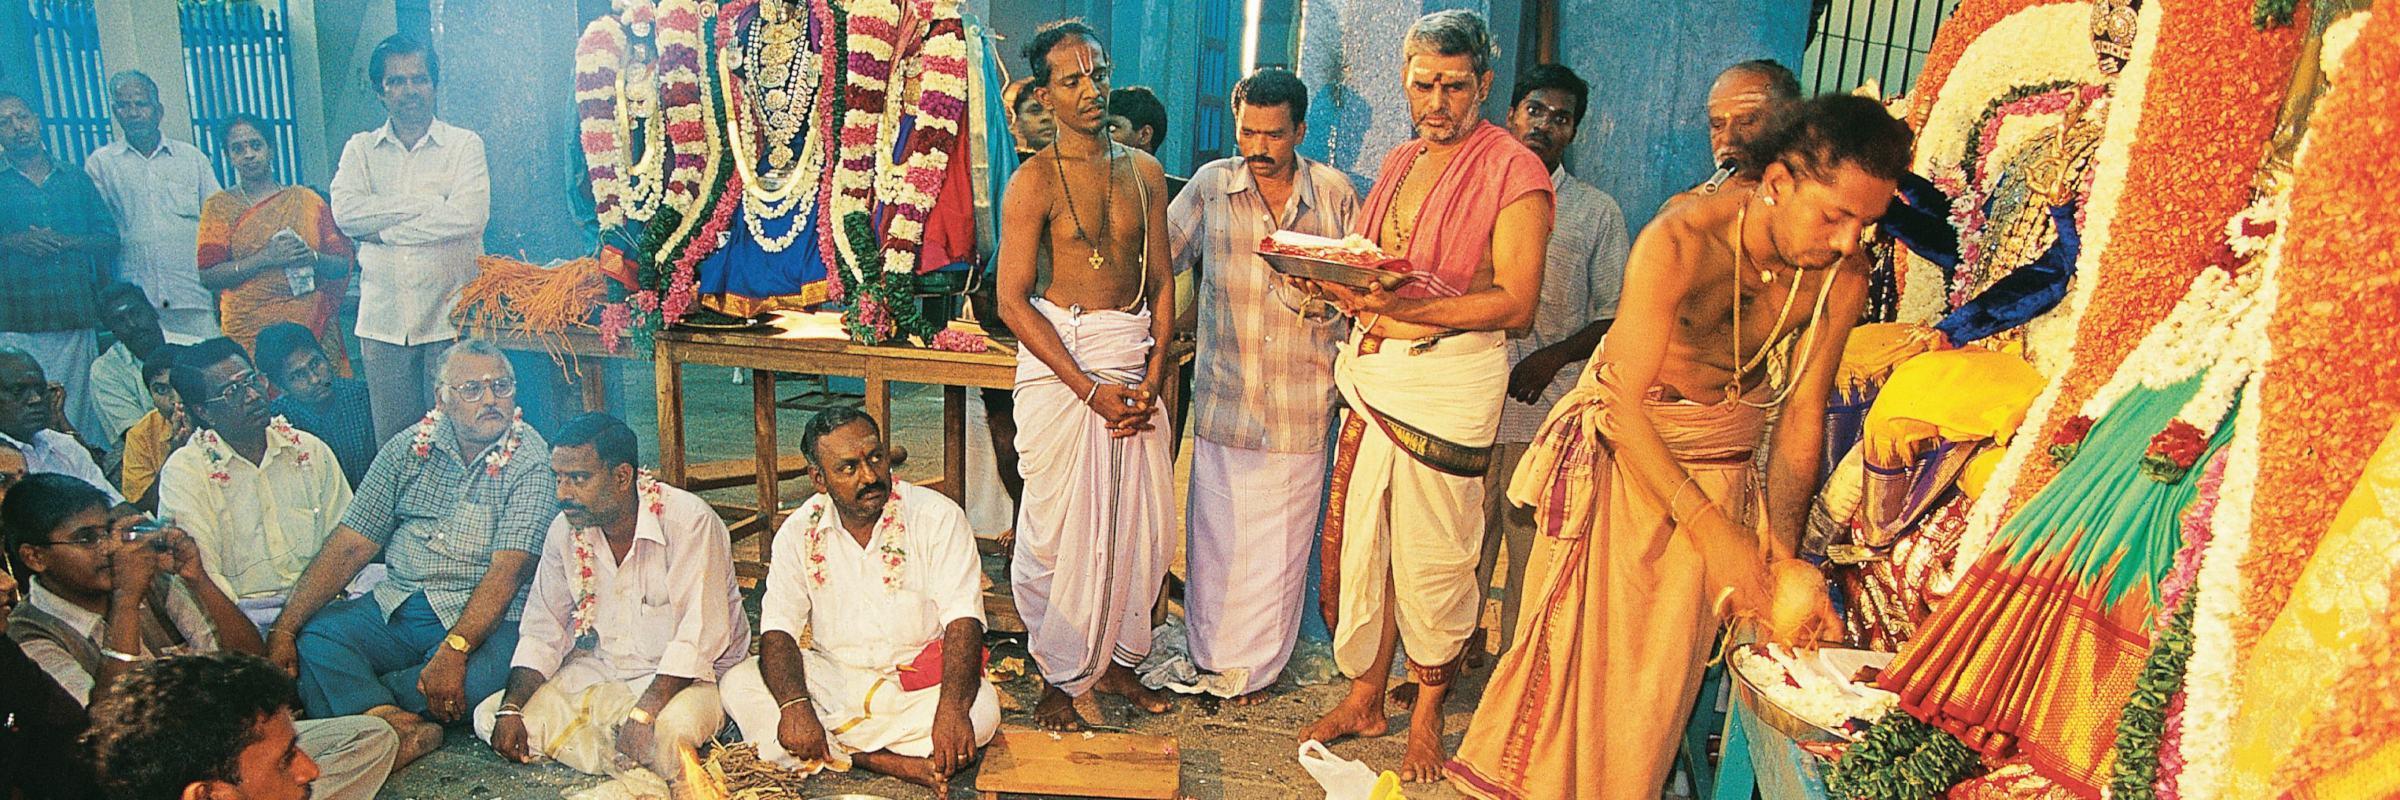 Puducherry ist im südlichen Teil Indiens gelegen und ca. 135 km von Chennai entfernt.